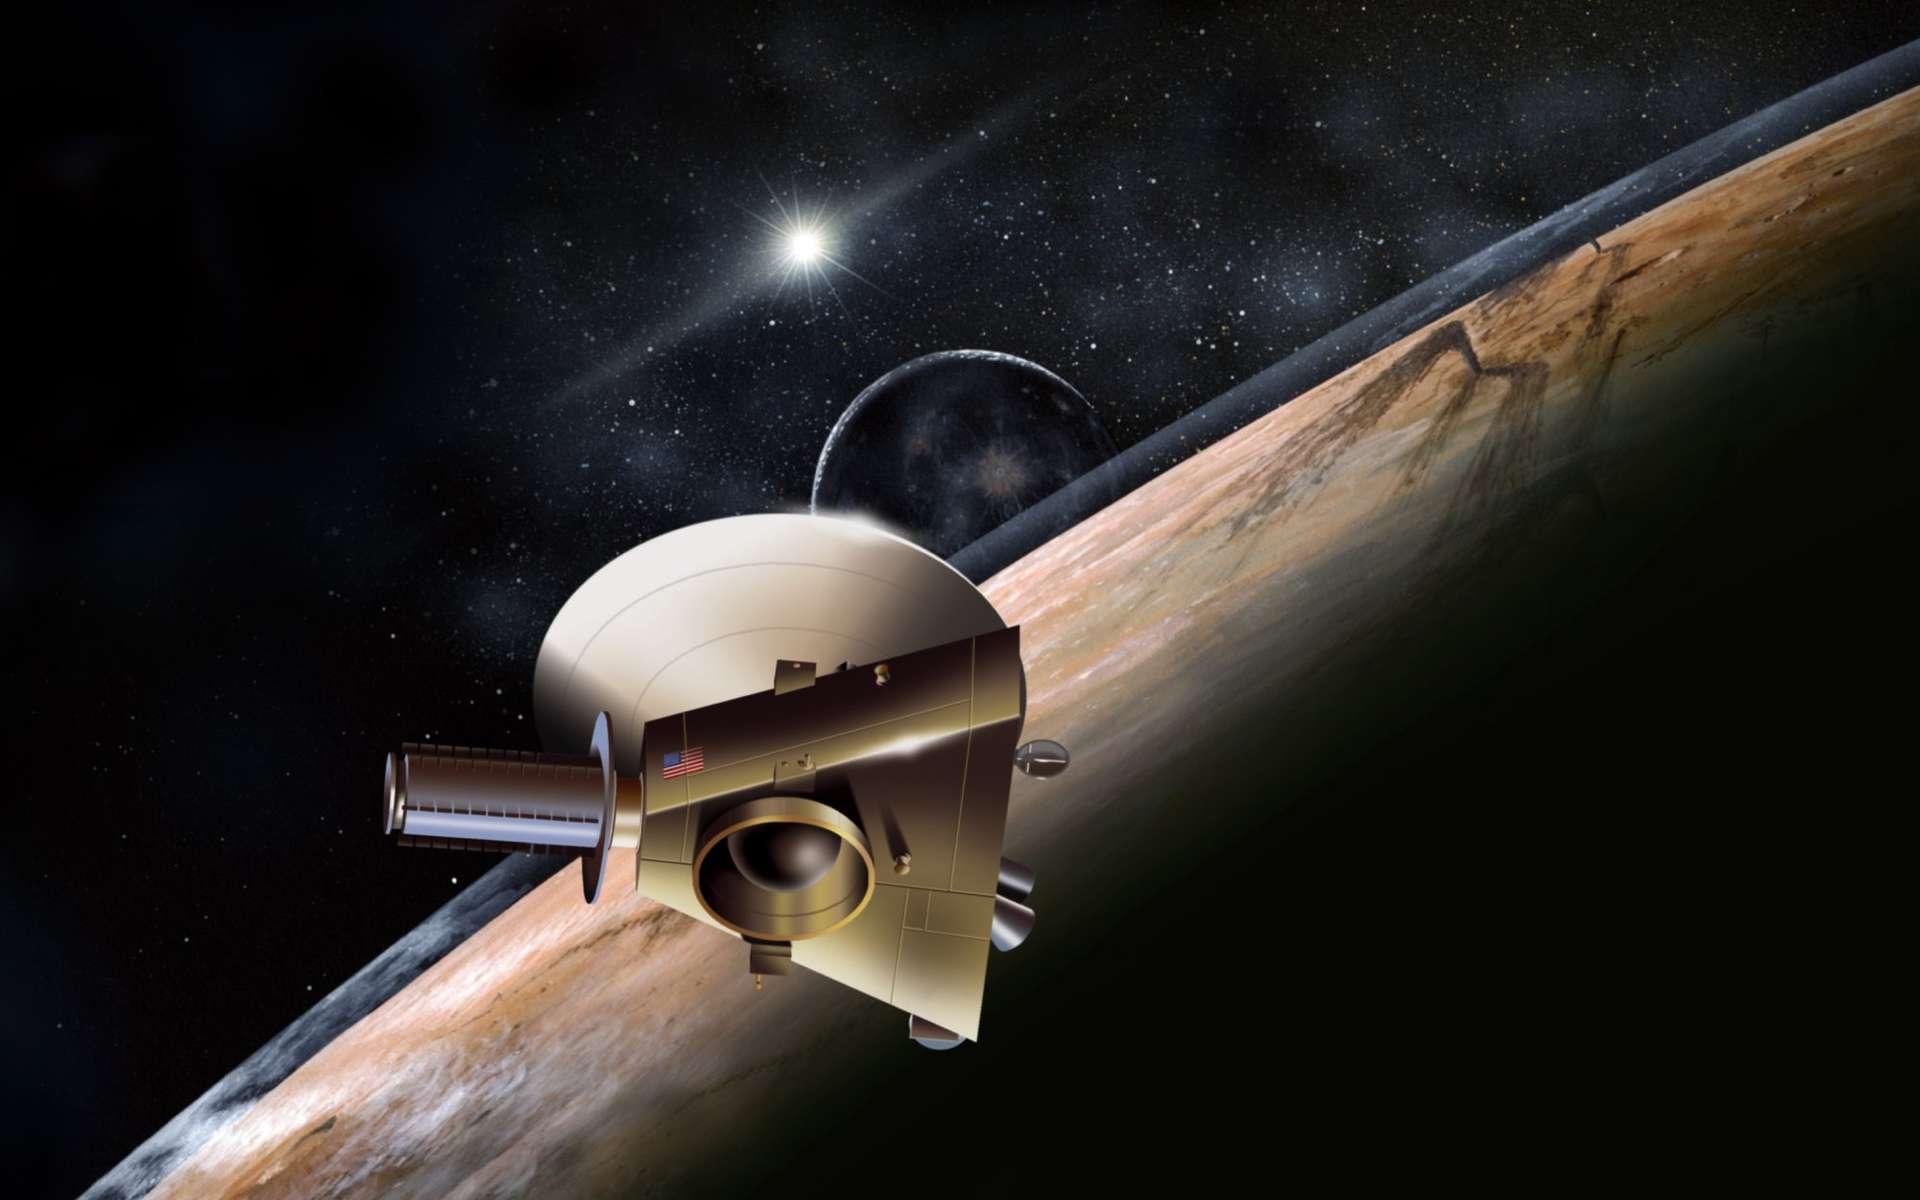 Une vue d'artiste d'un événement qui surviendra le 14 juillet 2015 : la sonde New Horizons rase la planète naine Pluton. Elle observe son atmosphère ténue, produite par le dégazage de ses glaces, et son plus gros satellite, Charon. Elle travaille en mode automatique, accumulant les données qu'elle expédiera ensuite vers la Terre, à près de 5 milliards de kilomètres. À cette distance, le débit est très faible et il faudra deux mois pour tout télécharger © Nasa